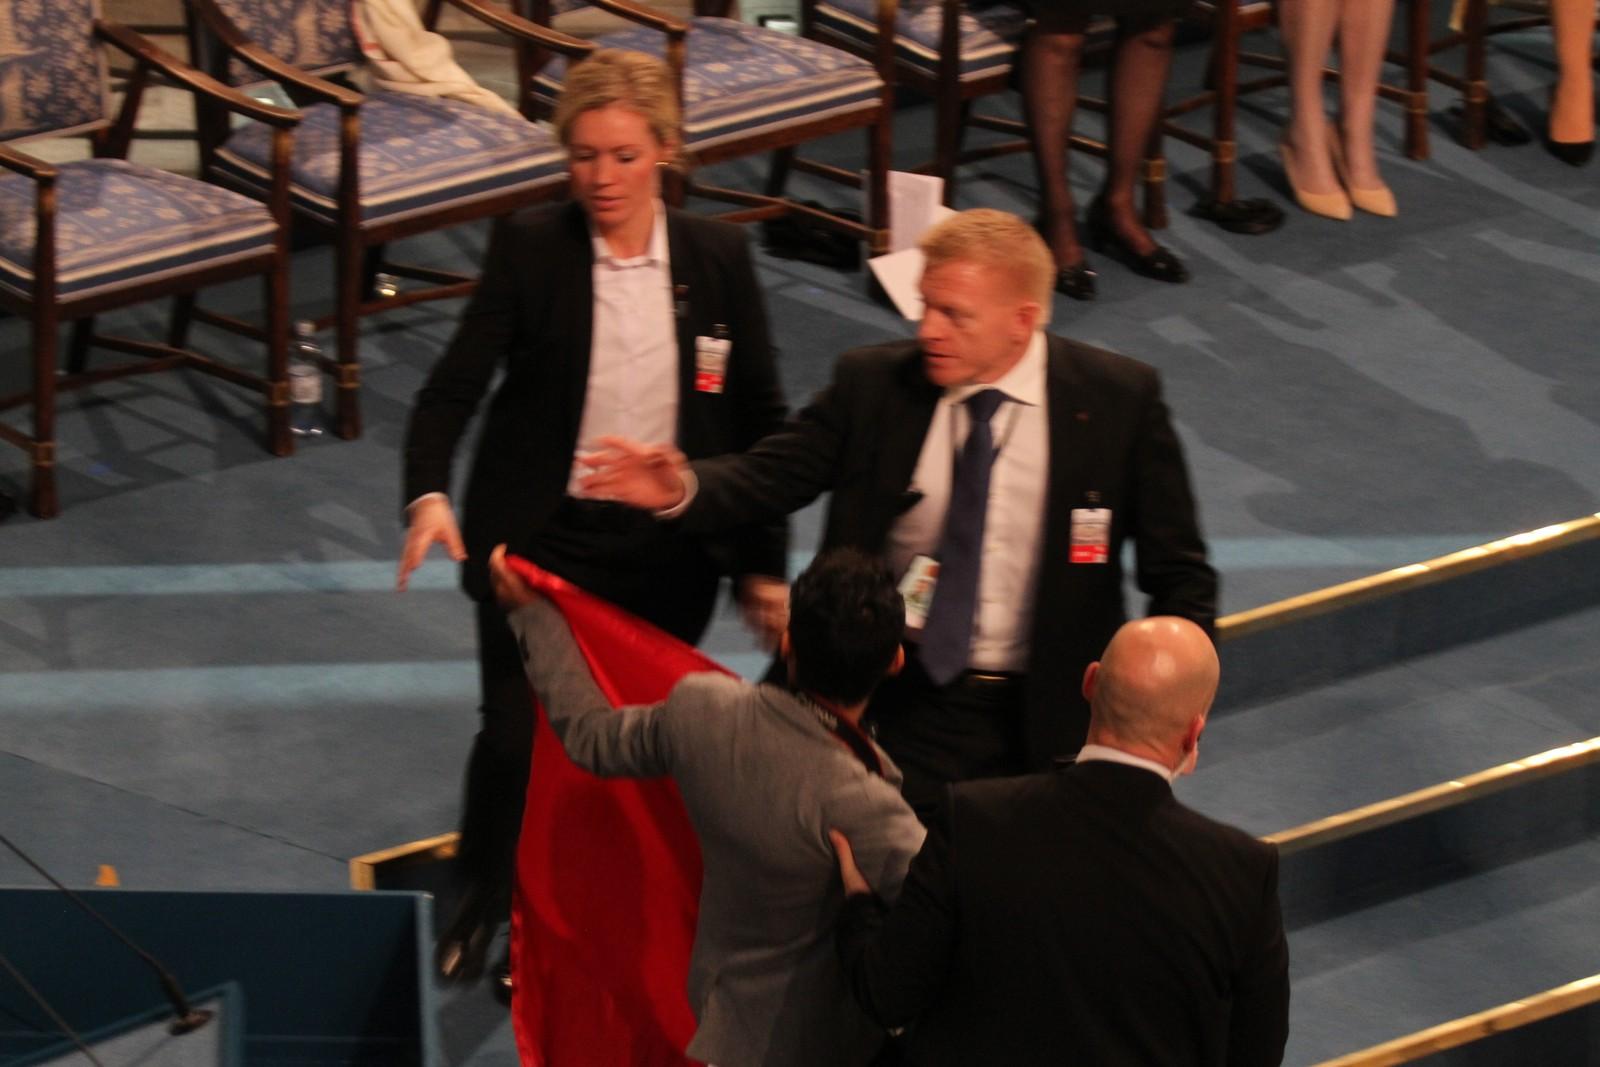 STORMET SCENEN: En ung mann kastes ut etter å ha gått på scenen foran Malala. Han hadde med seg et flagg.